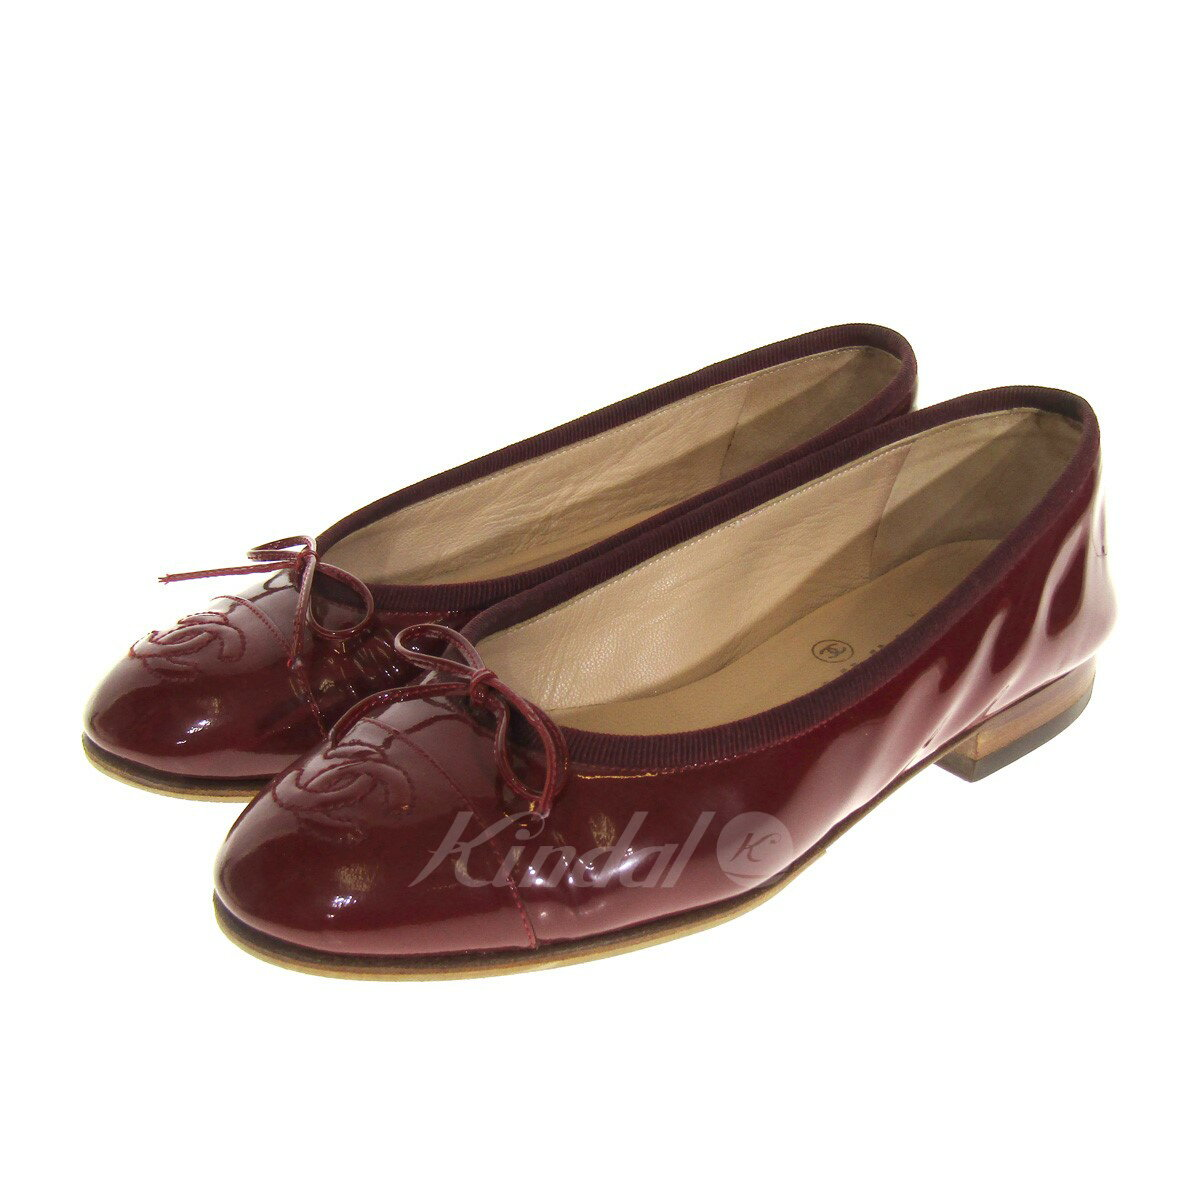 レディース靴, その他 CHANEL Coco 34 280619